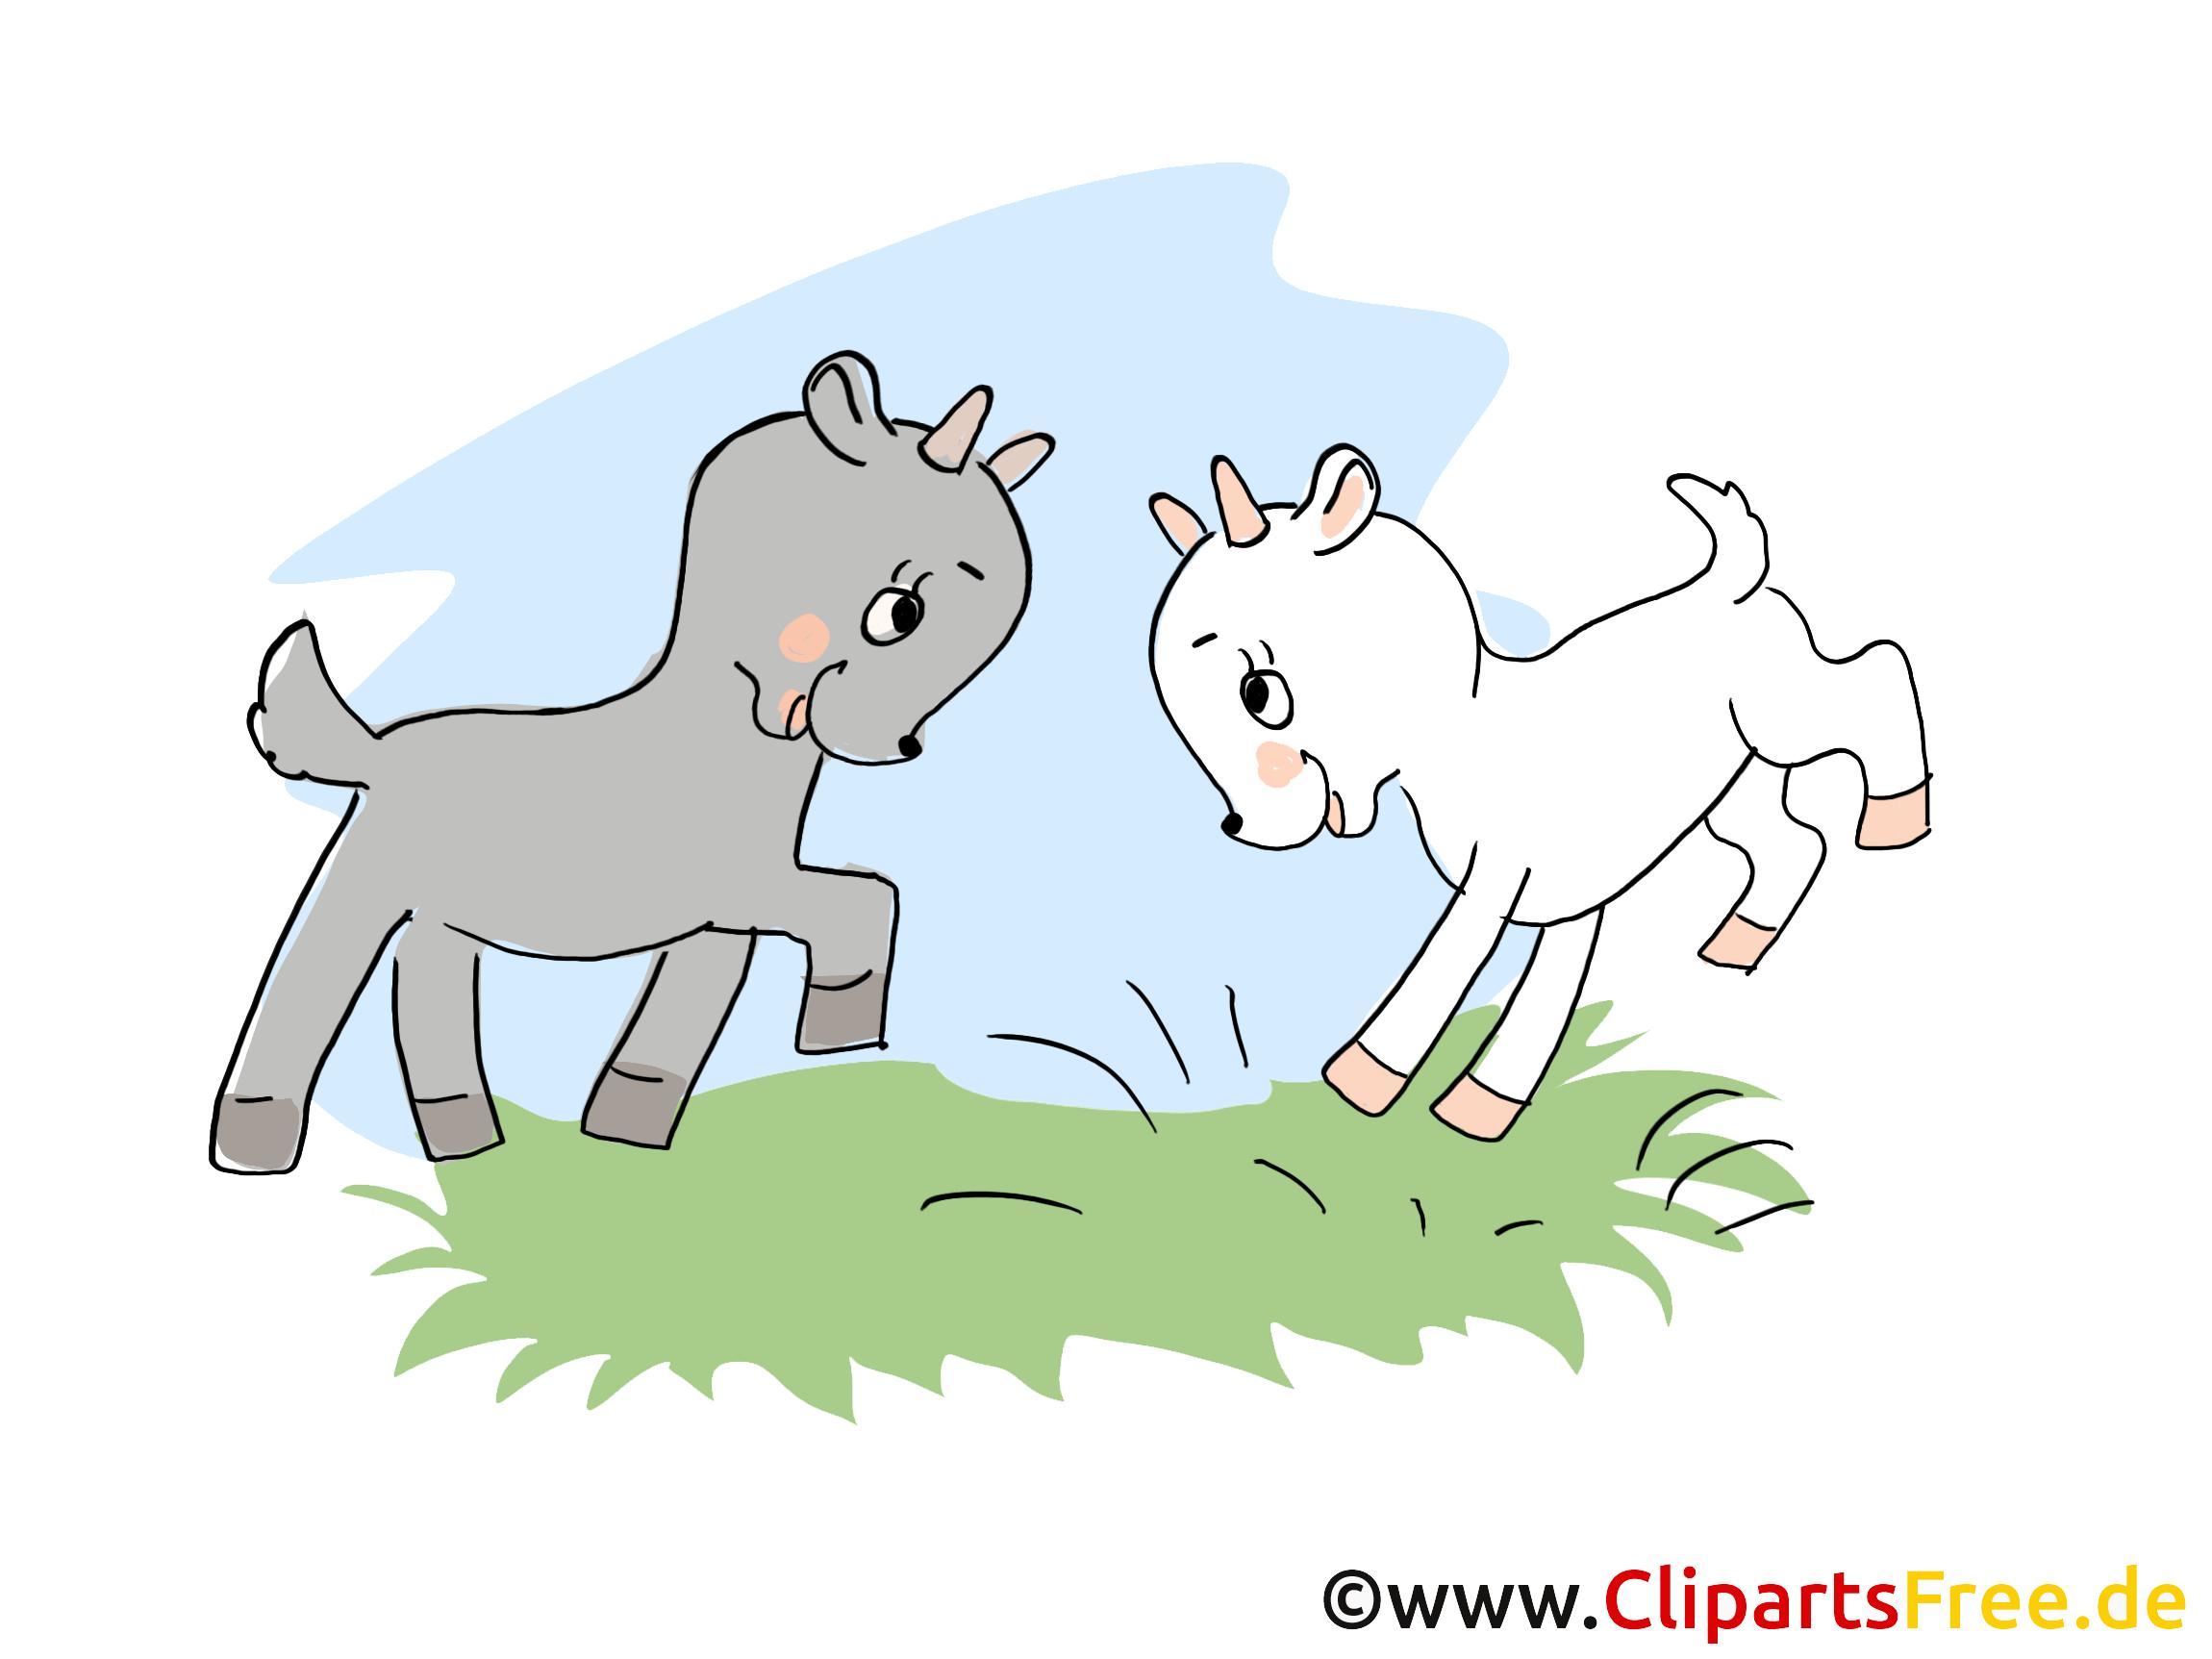 Bilder von Tieren auf dem Bauernhof